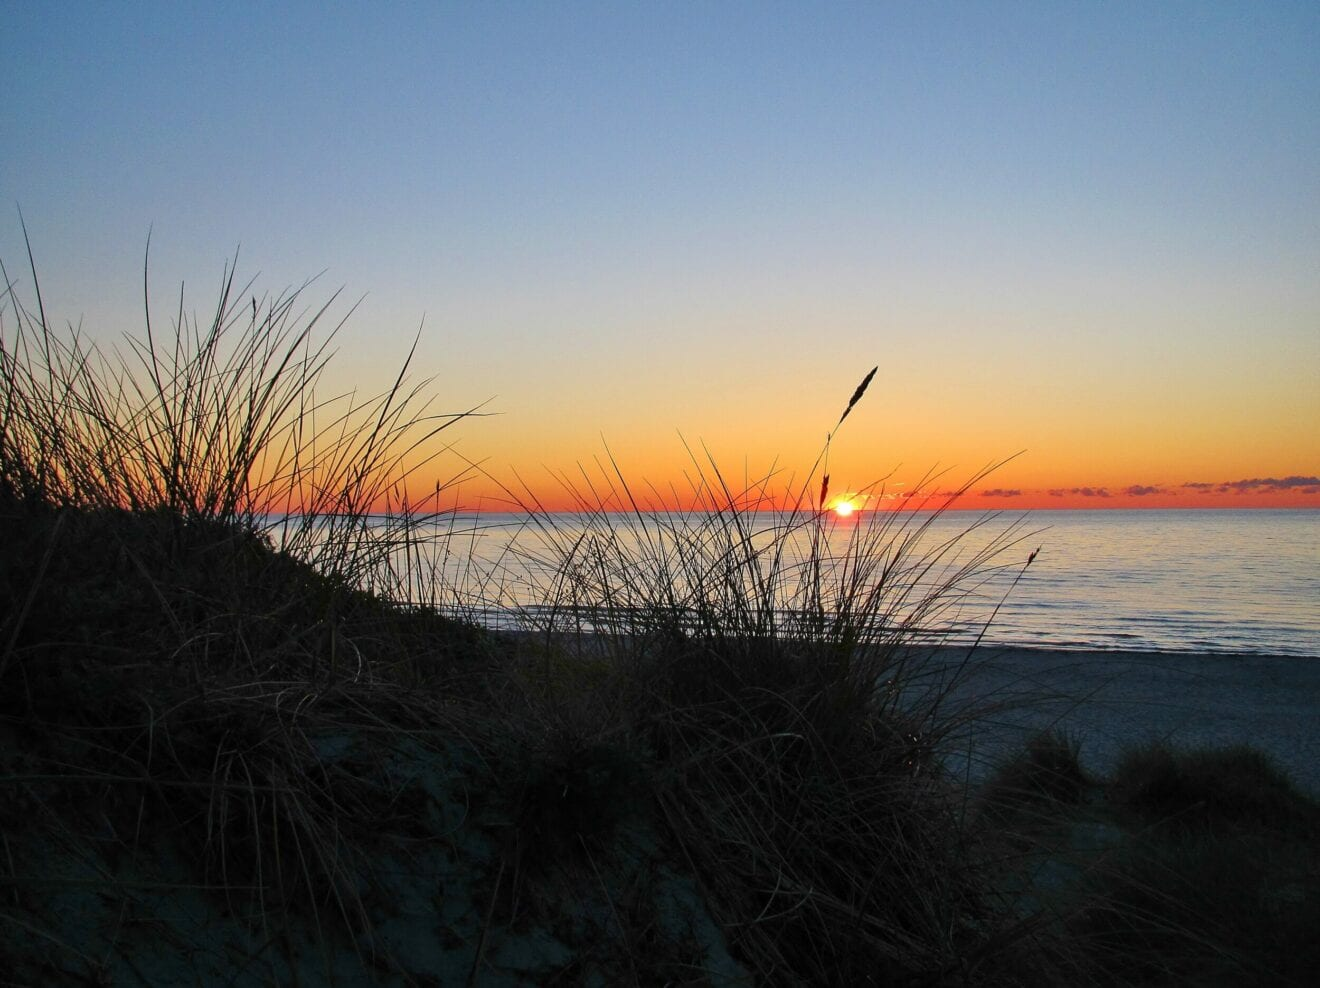 Smukke påskedage, men nattefrosten slår til igen